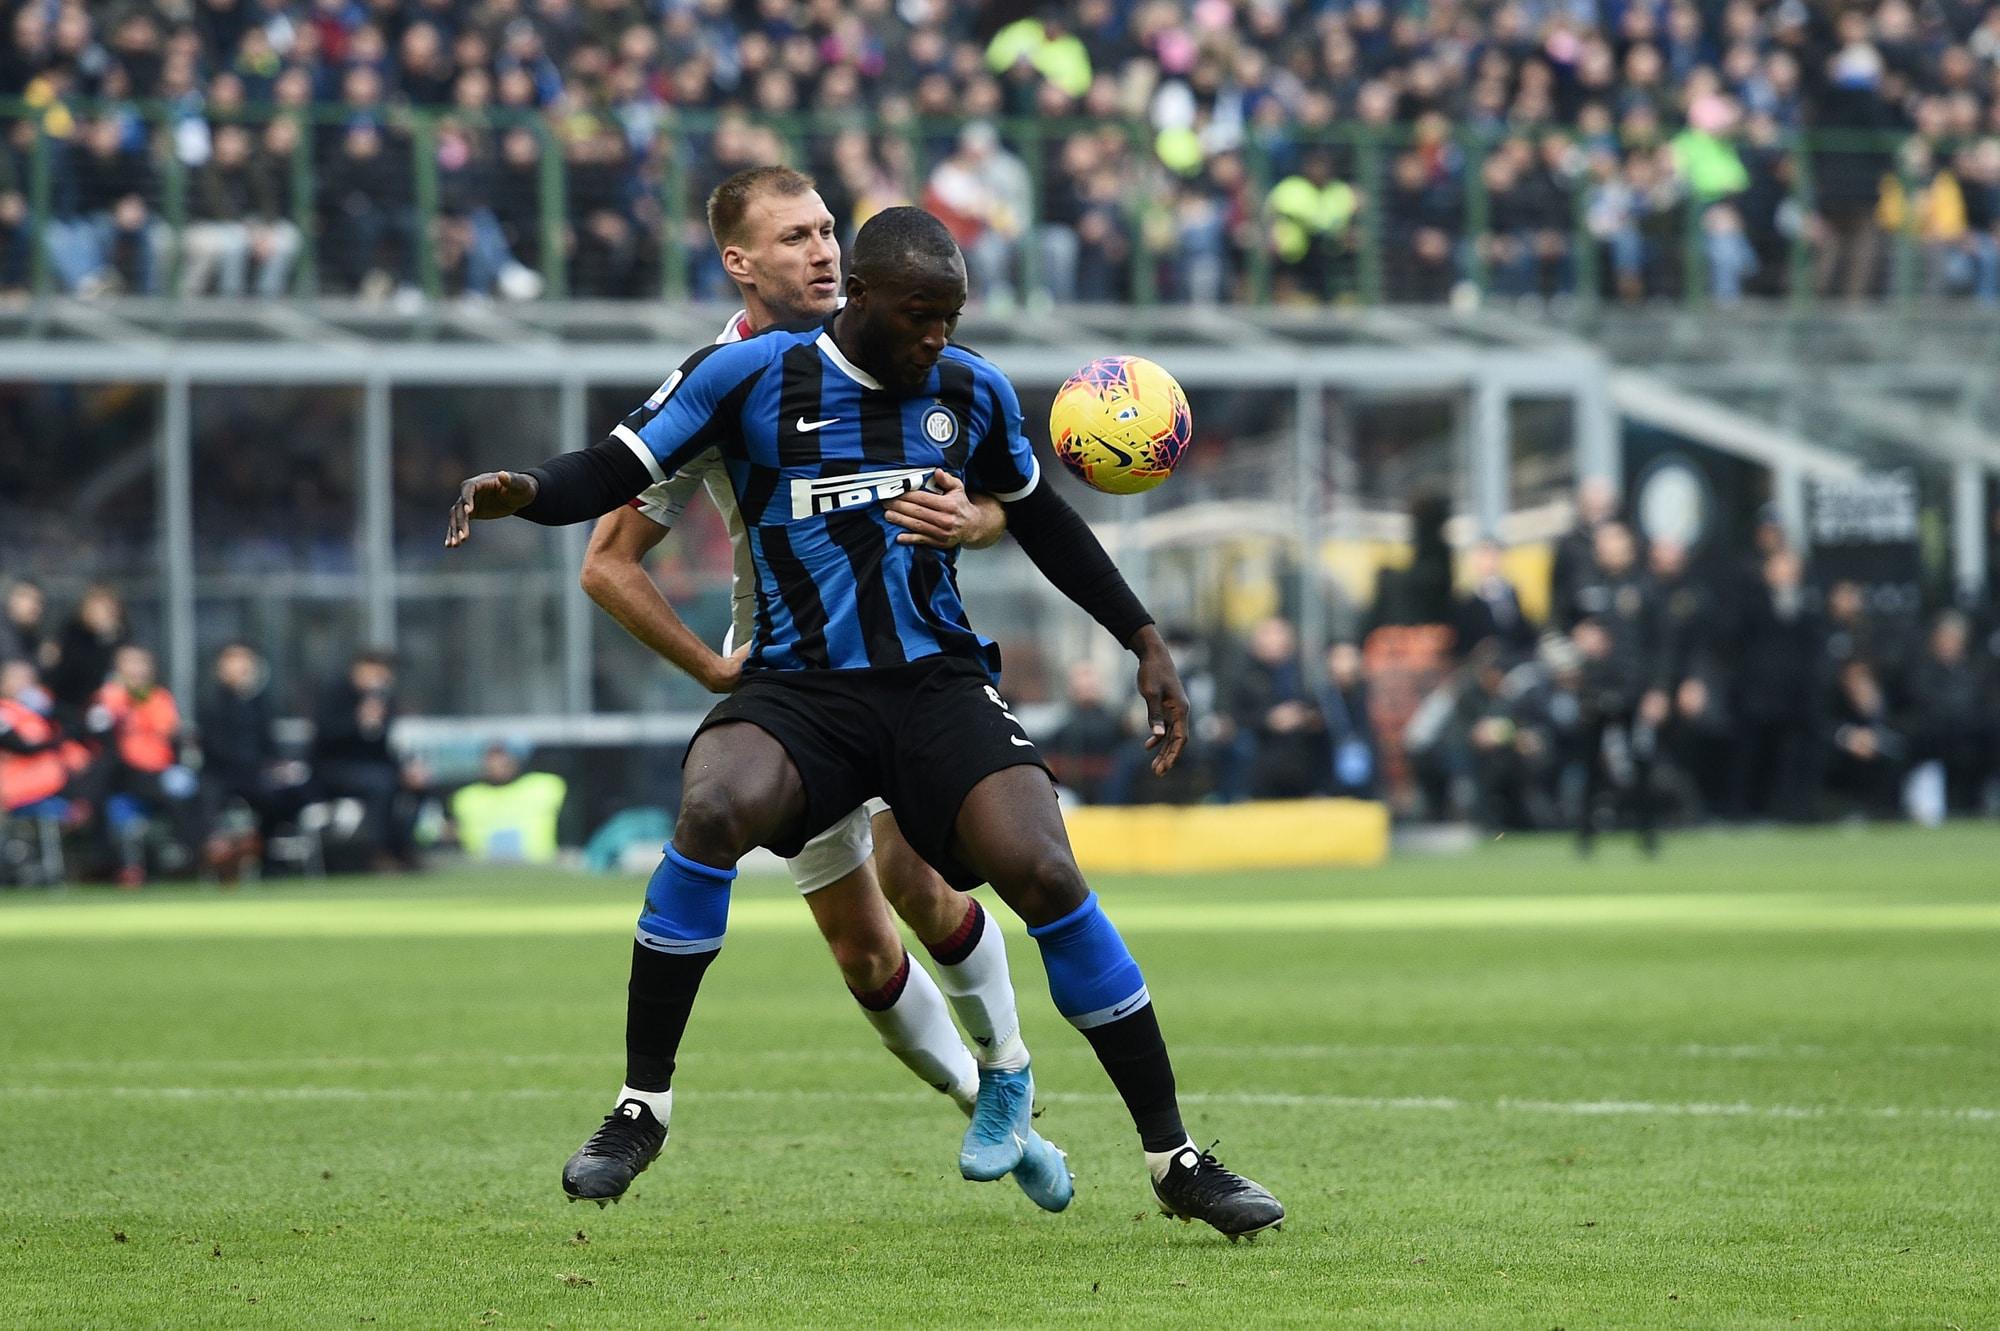 Belgium 4 Denmark 2 - King Power, Leuven Inter-Milan striker Romelu Lukaku